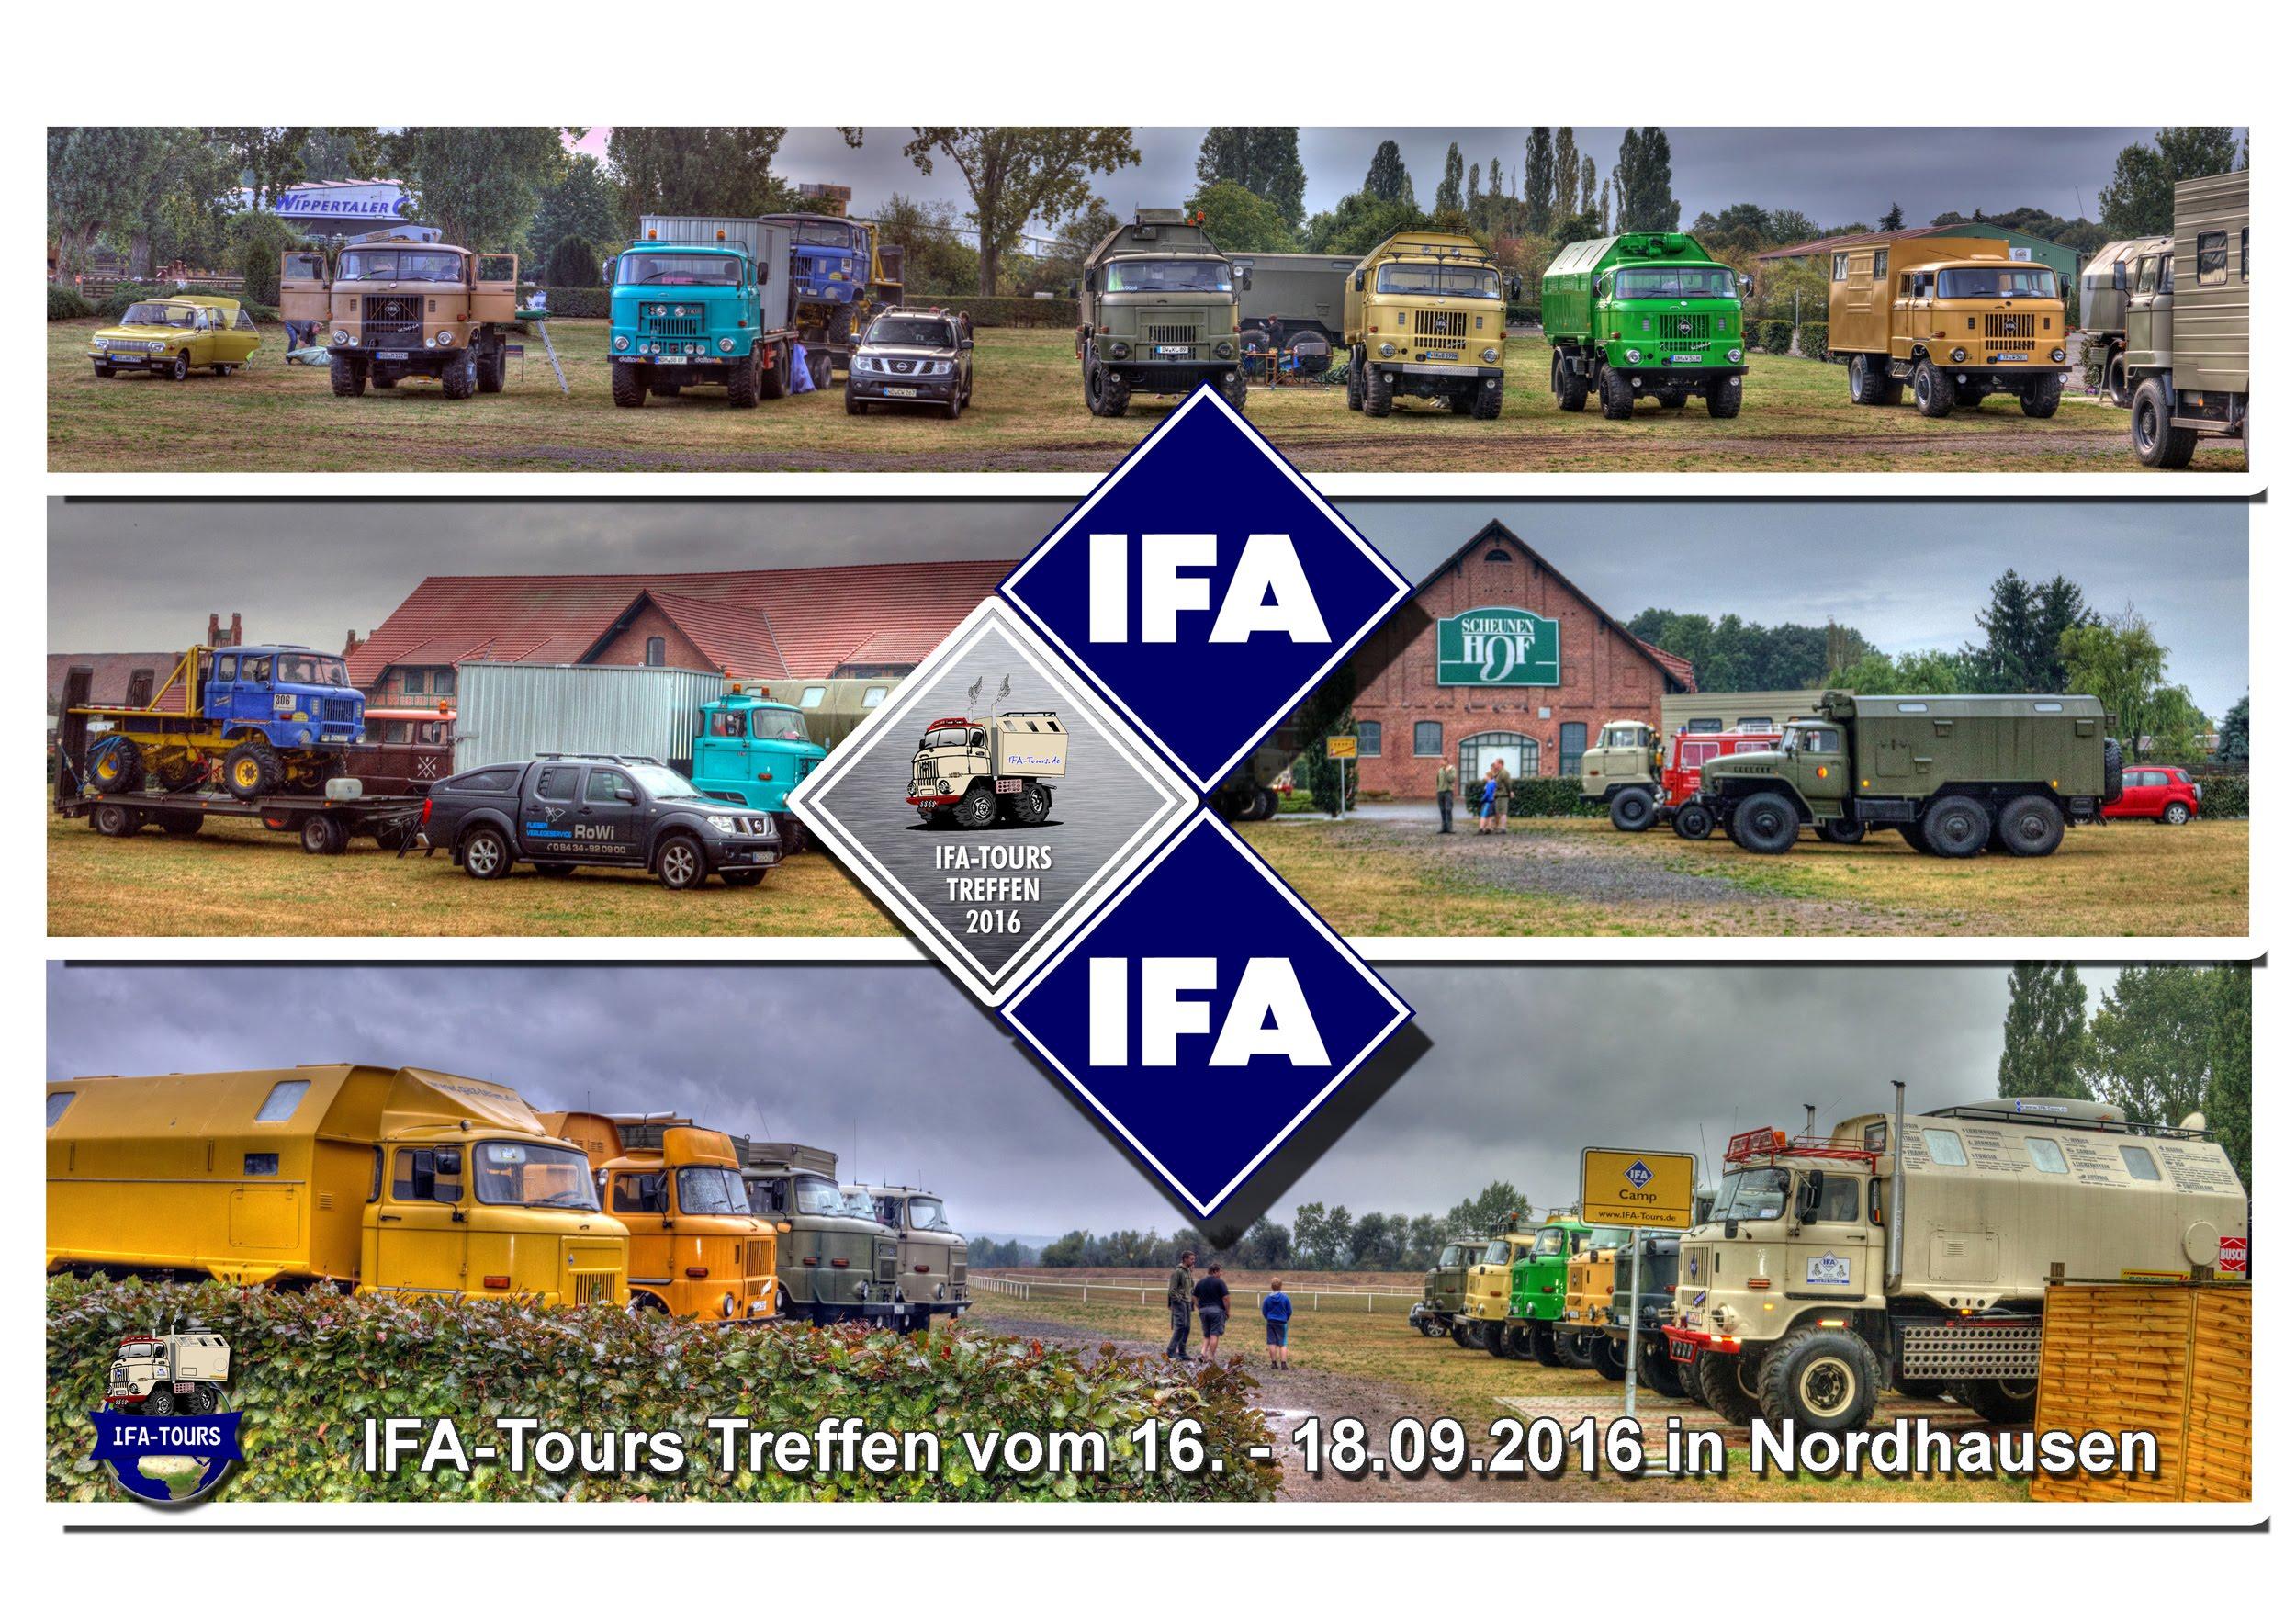 IFA-Tours Treffen 2016 Nordhausen - Fahrt zum Museum